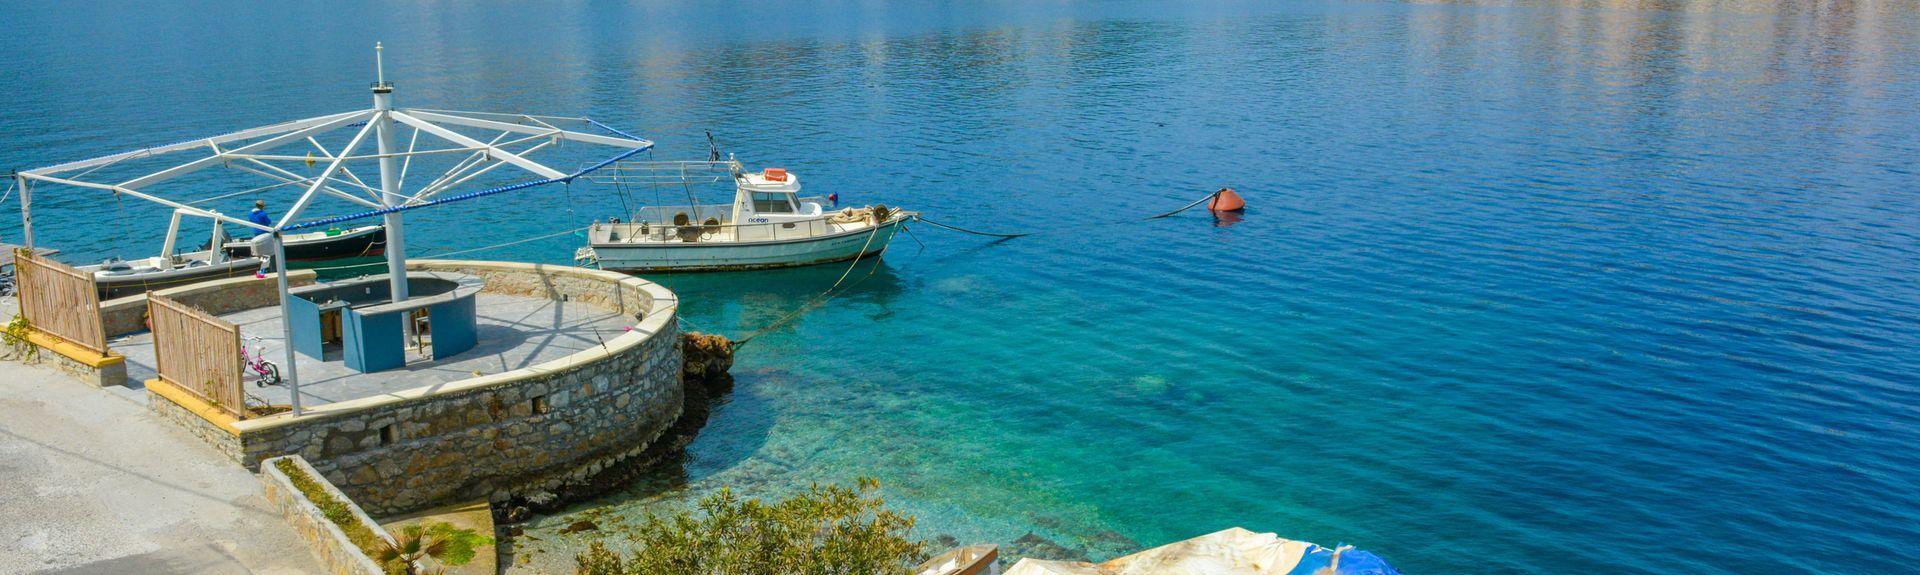 Symi, Etelä-Egean saaret, Kreikka